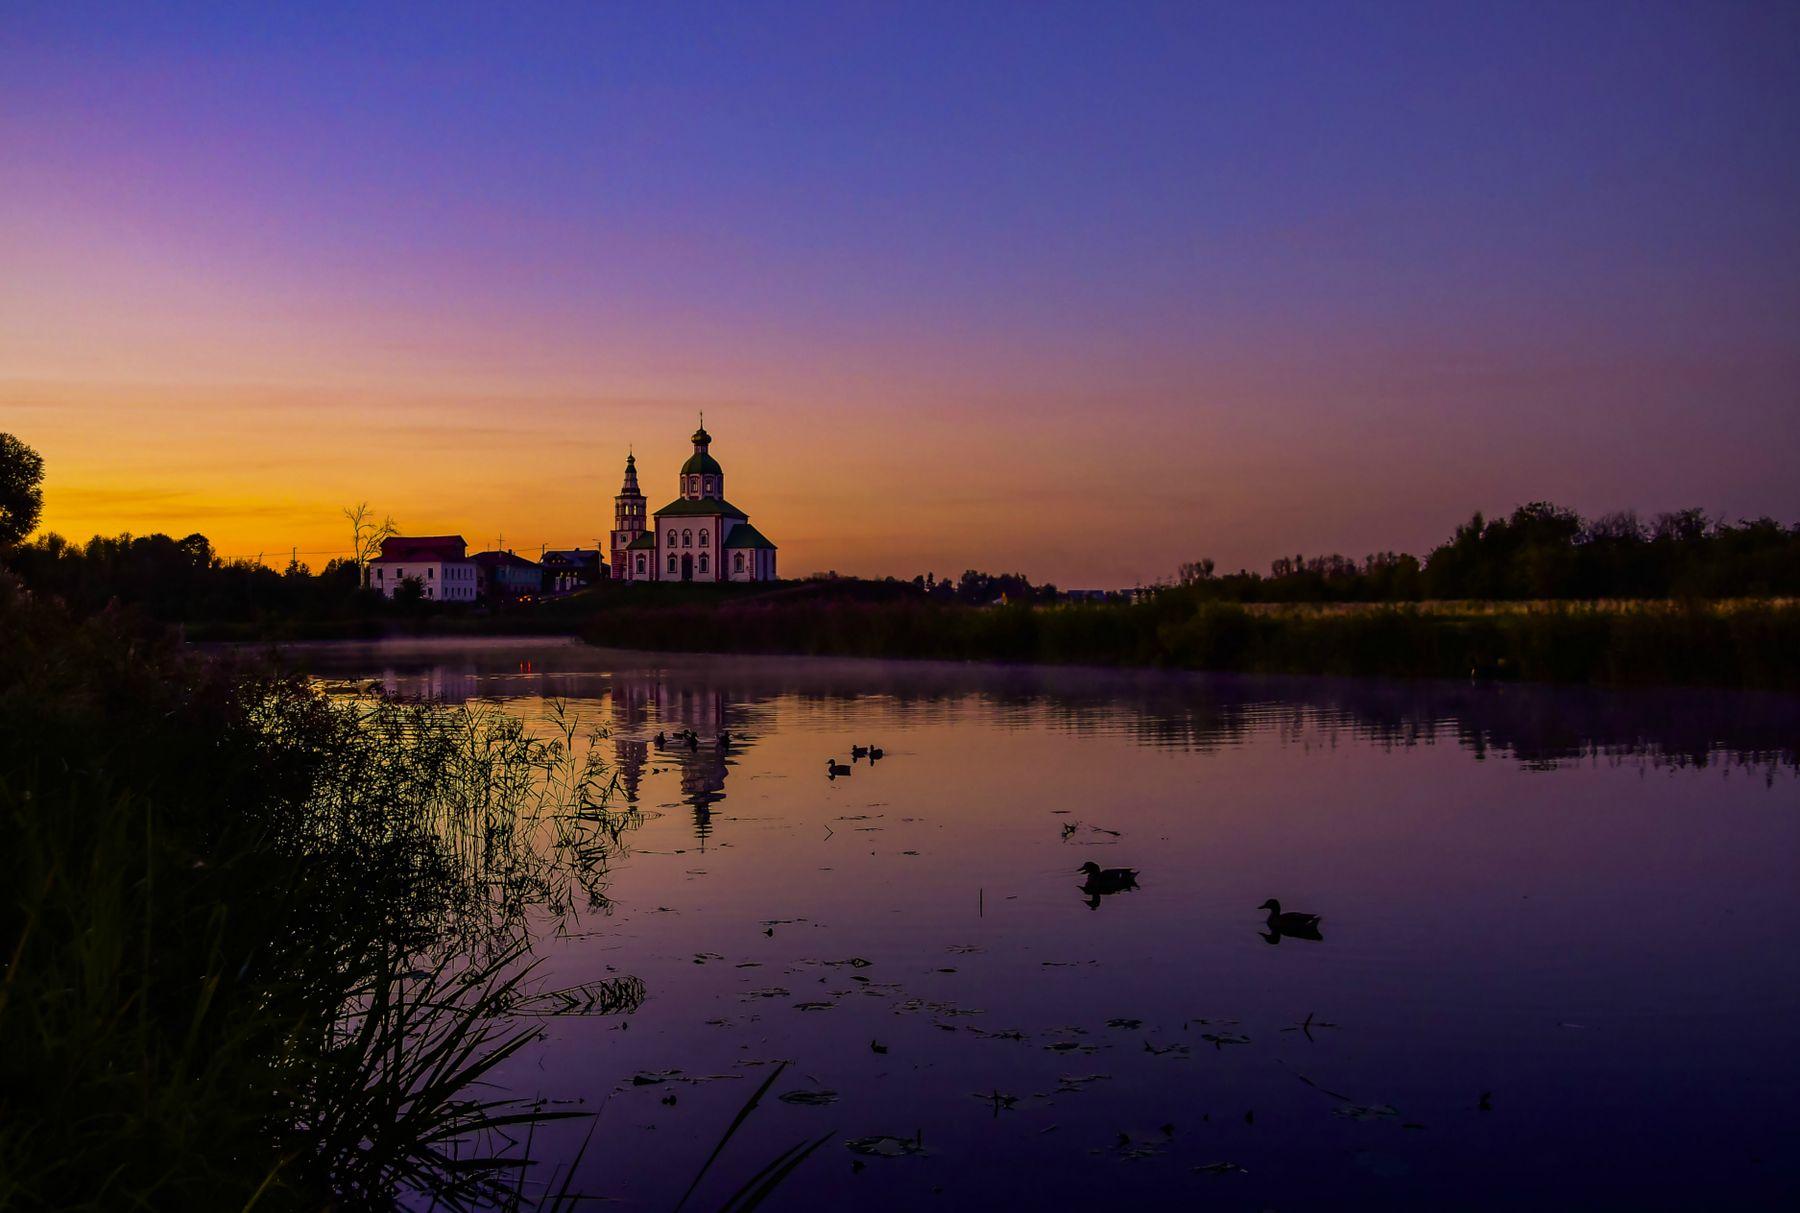 Закат . Суздаль закат река утки пейзаж